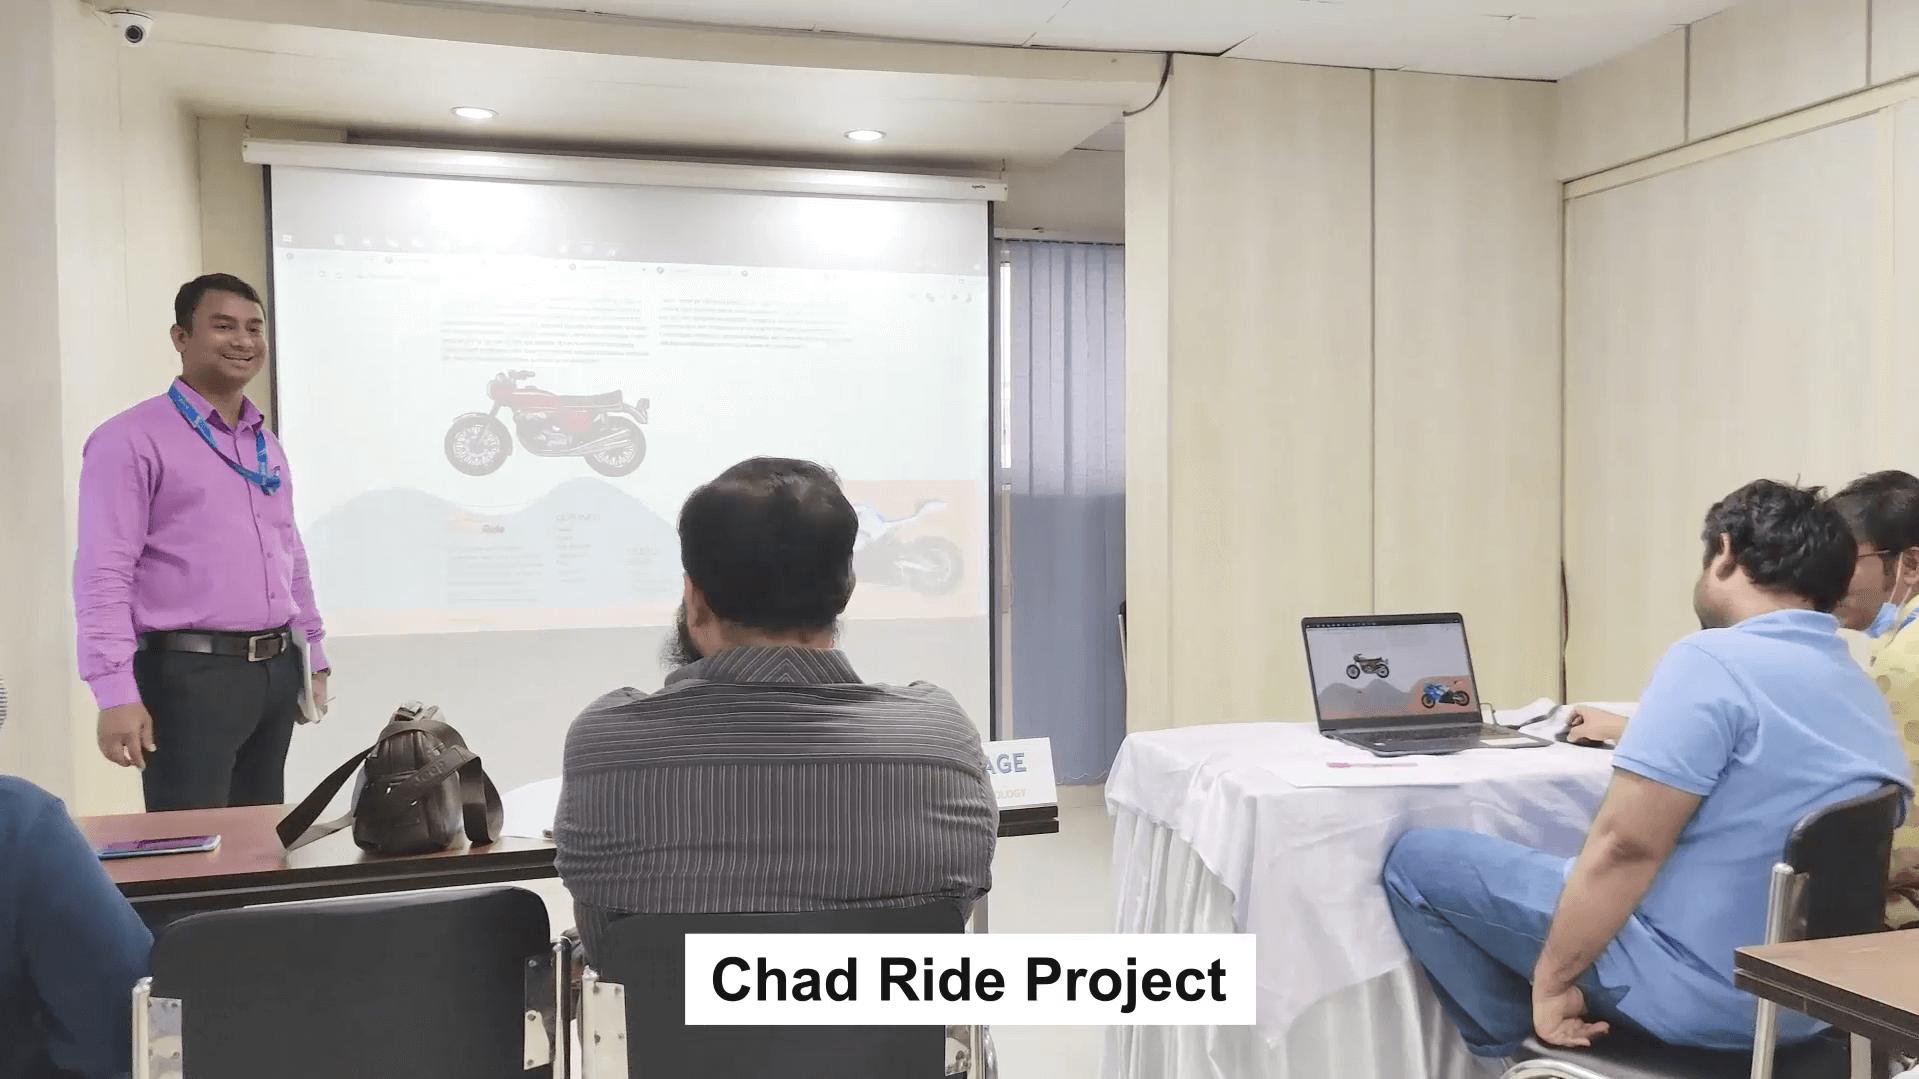 Chad Ride